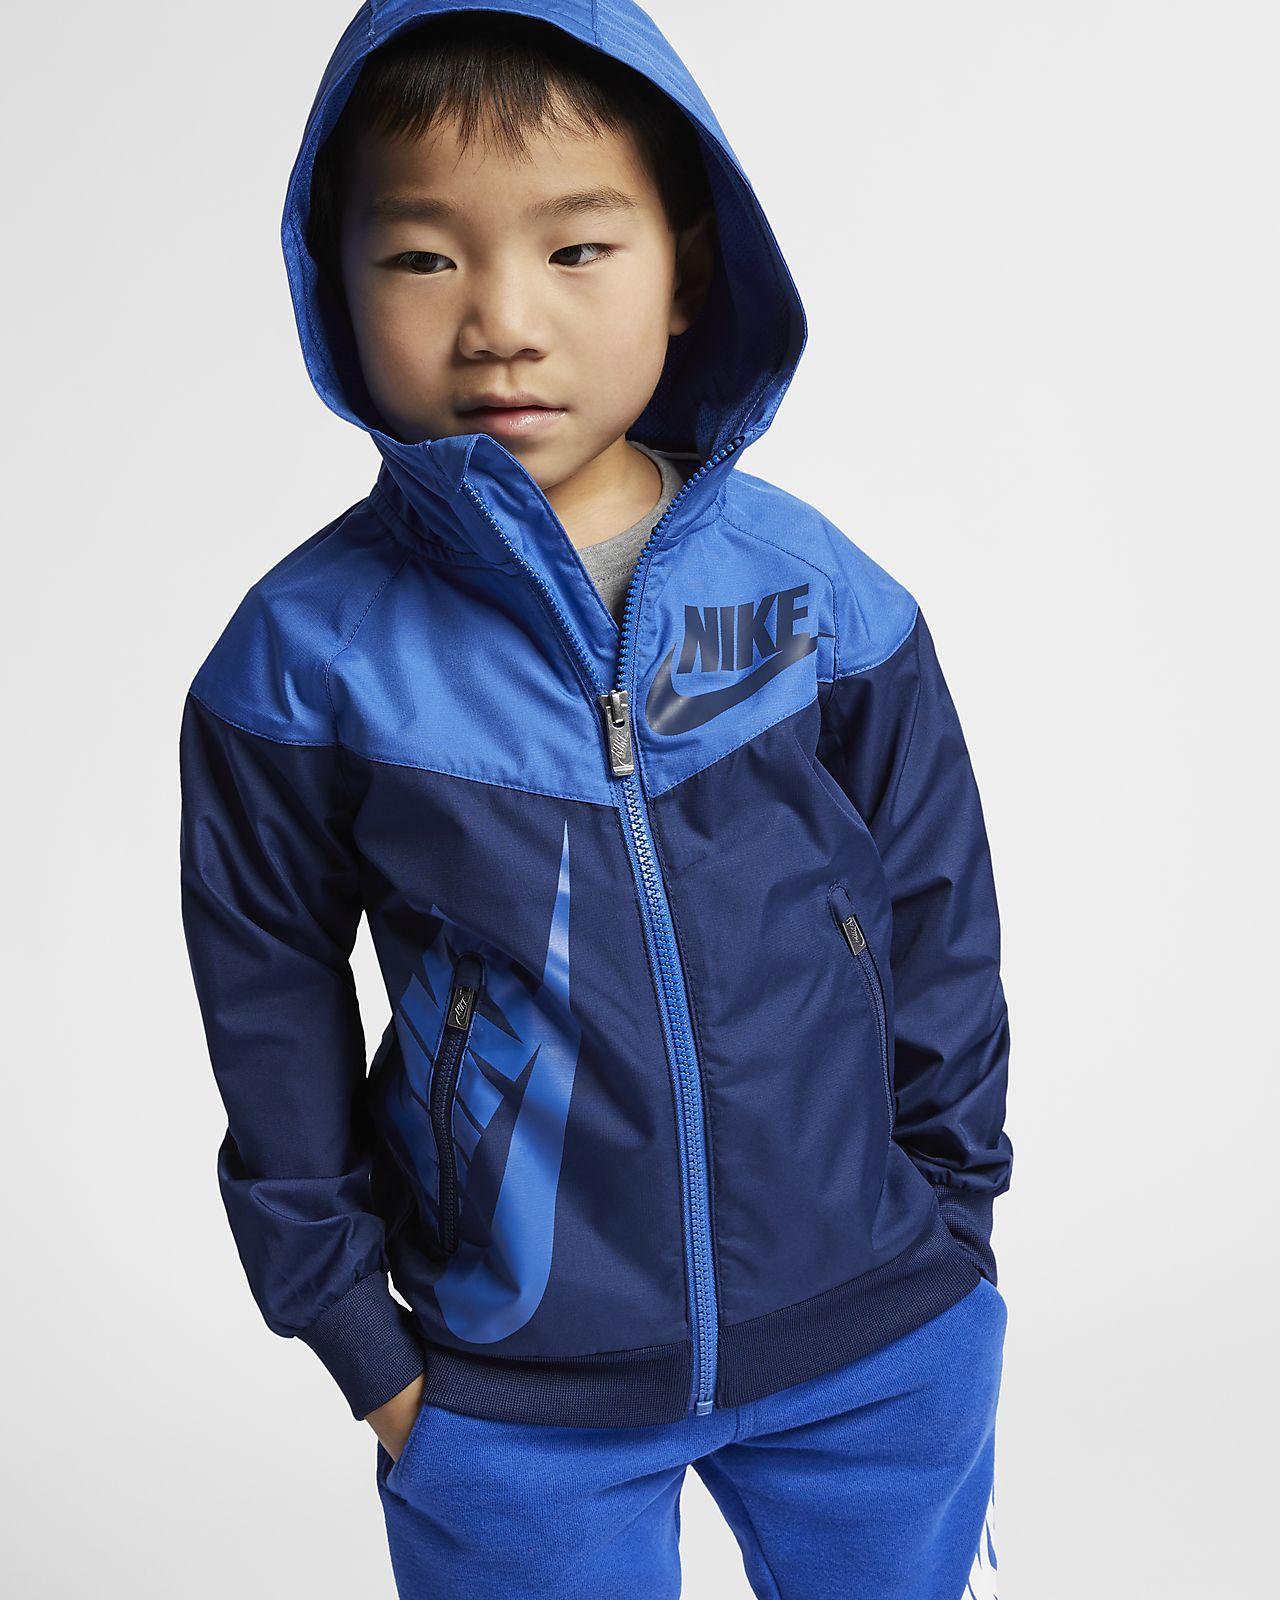 29e056ef3 Nike Sportswear Windrunner Little Kids' Jacket. Nike.com